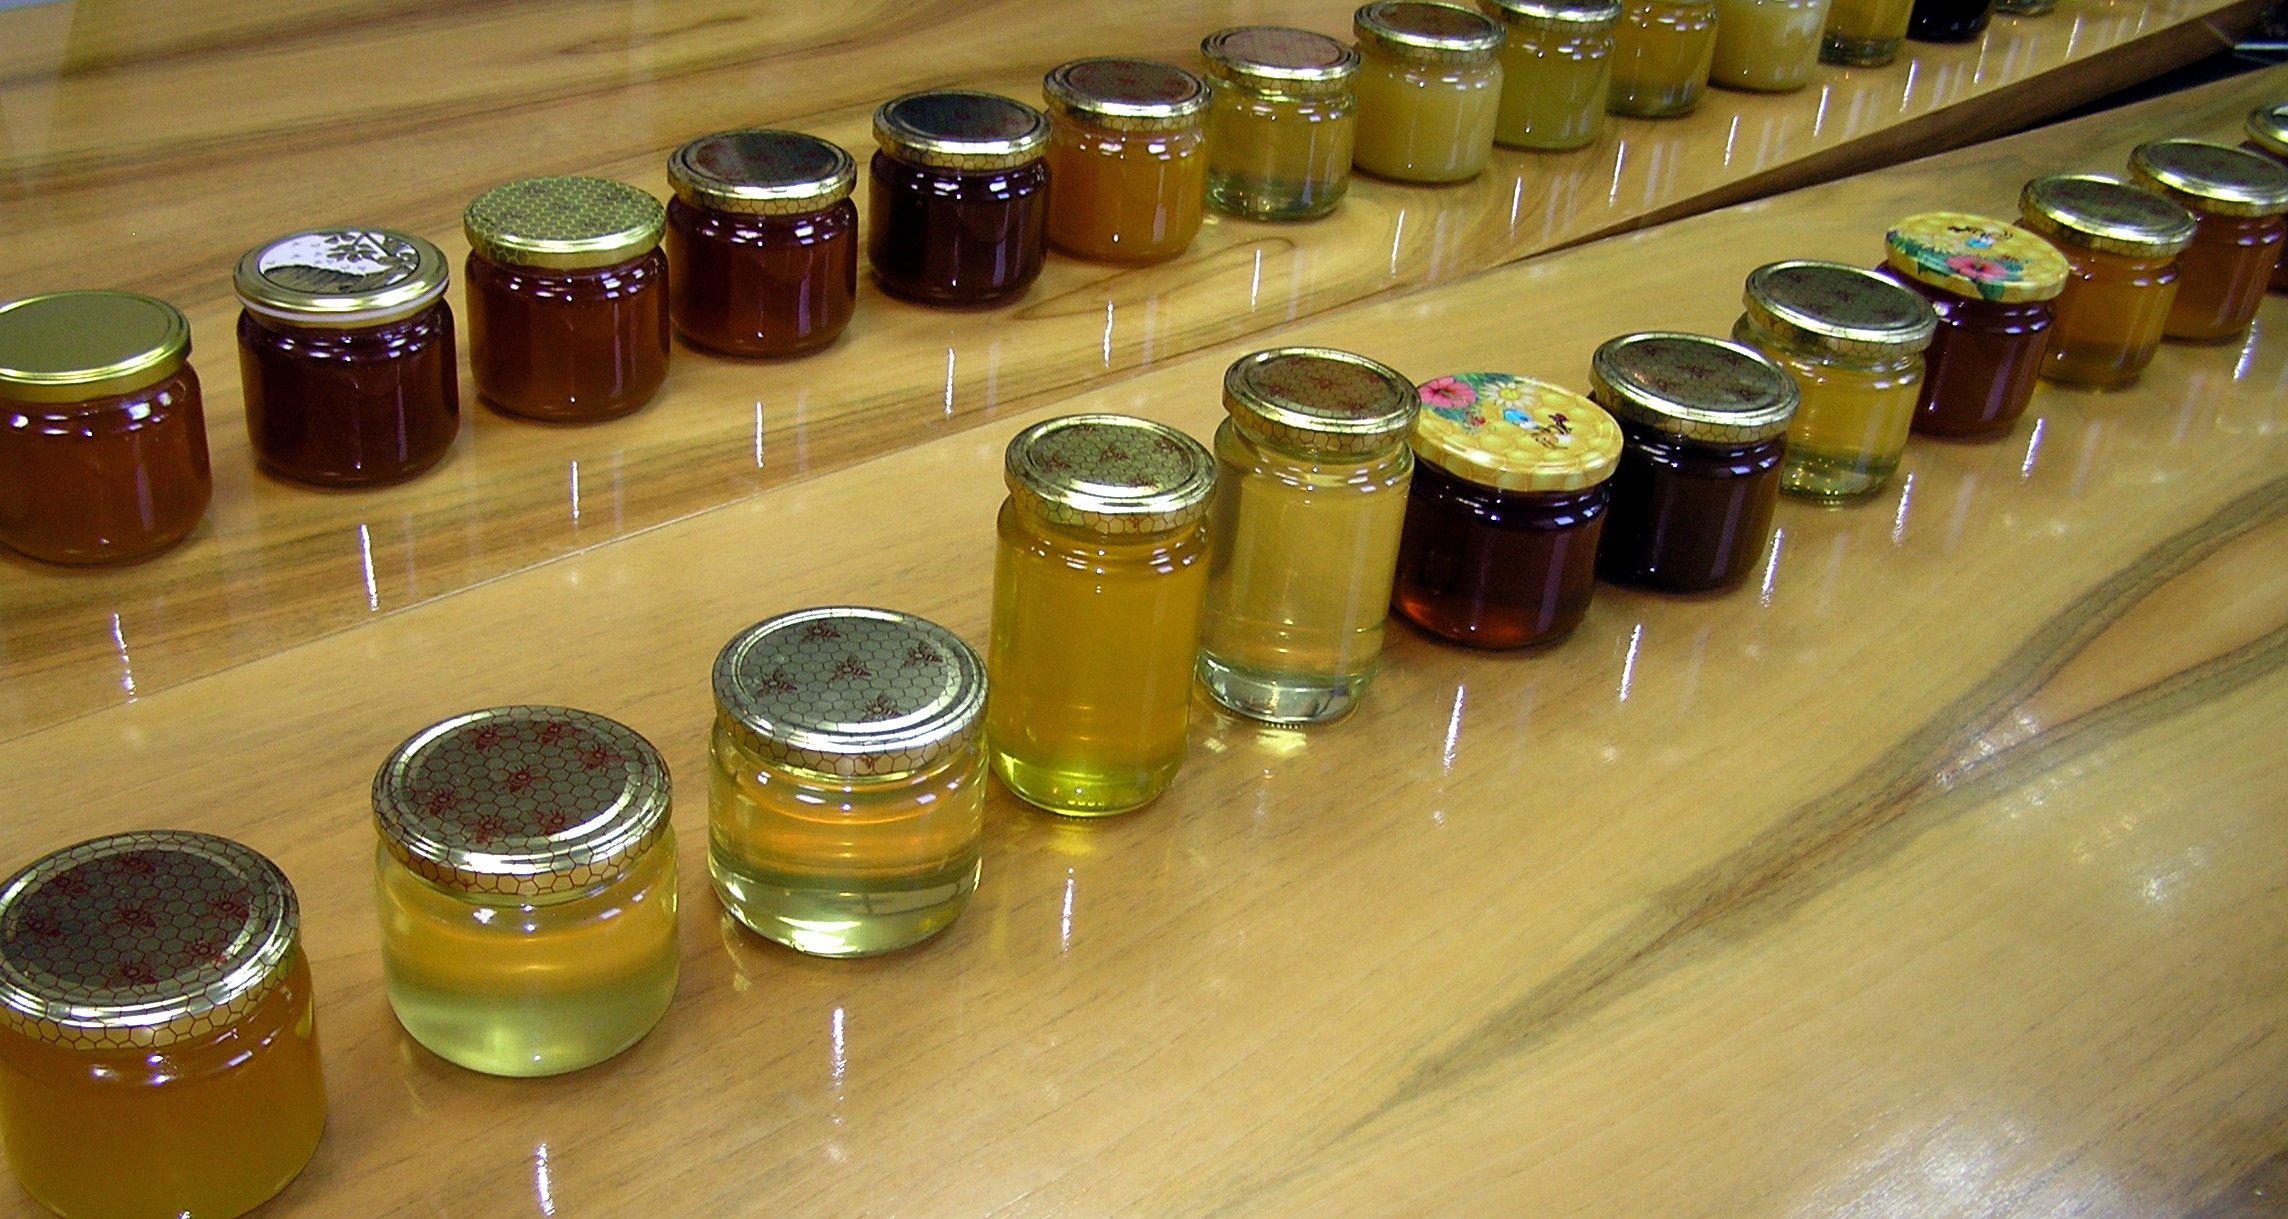 Održano osmo Županijsko ocjenjivanja meda, pristiglo 75 uzoraka od 44 pčelara s područja Bjelovarsko - bilogorske županije